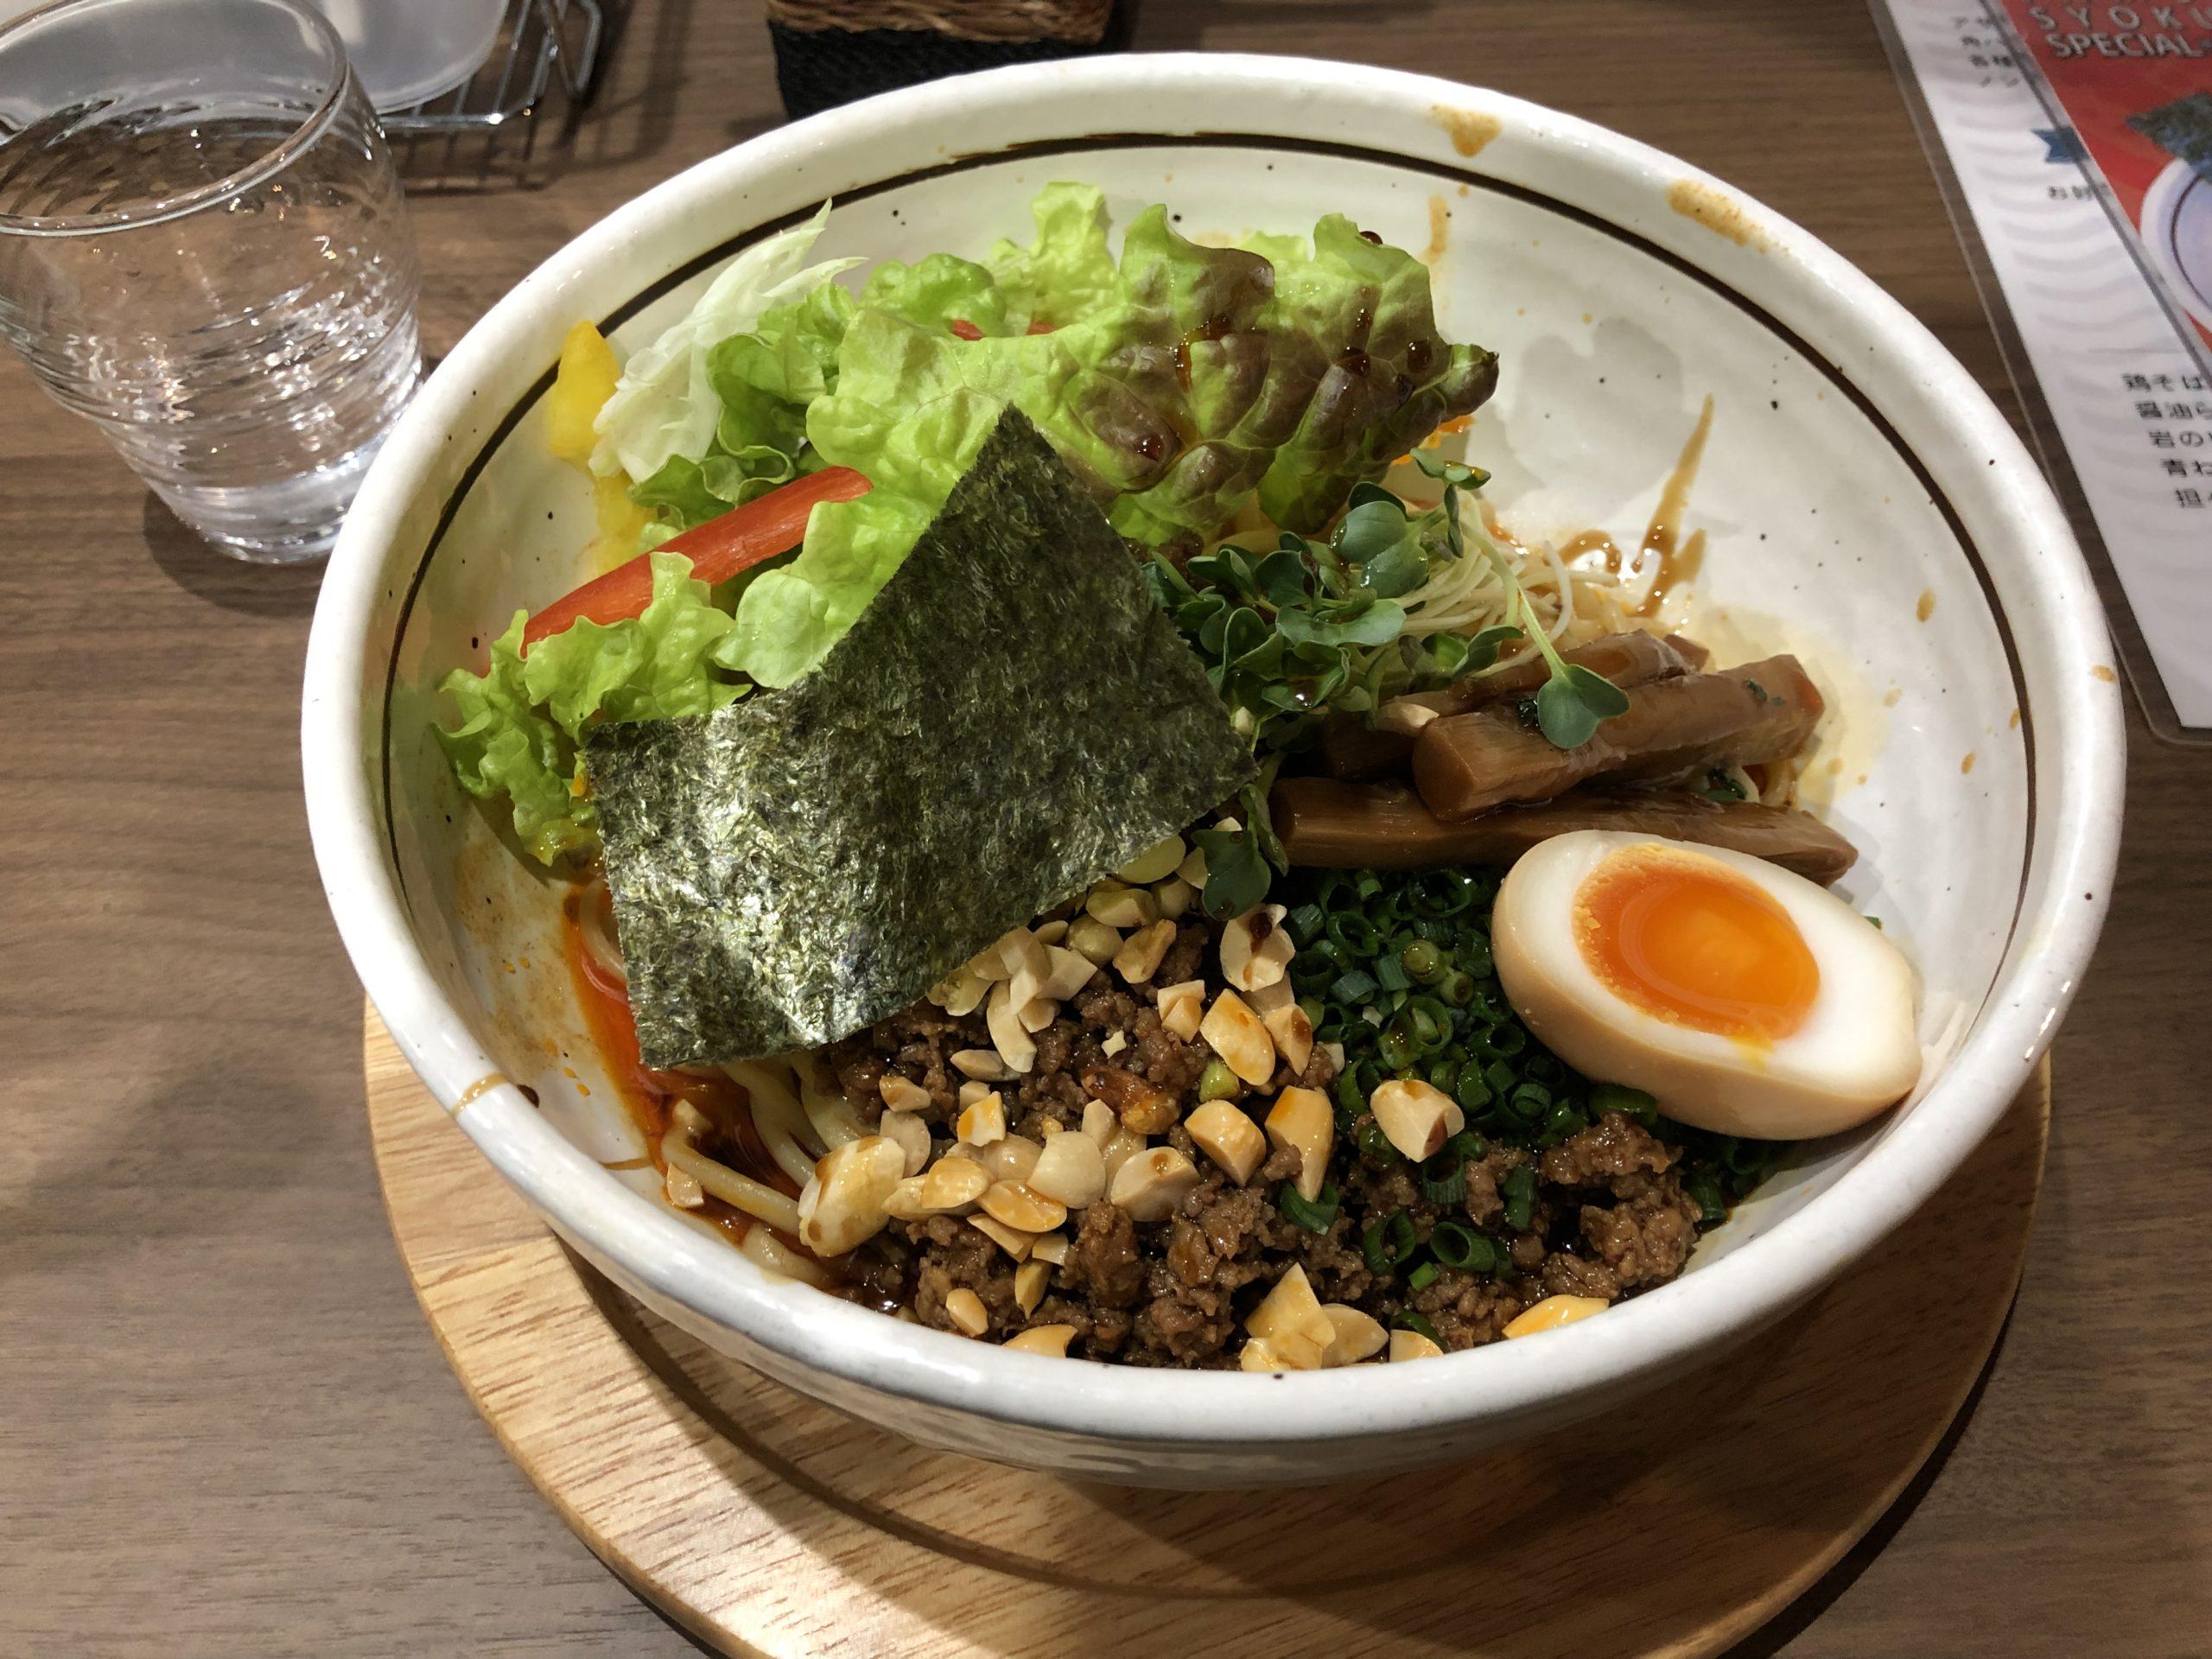 12月20日に白沢街道沿いで復活を遂げたタムラ食堂に初訪問、夜の部限定の汁なし担々麺を食べてきた